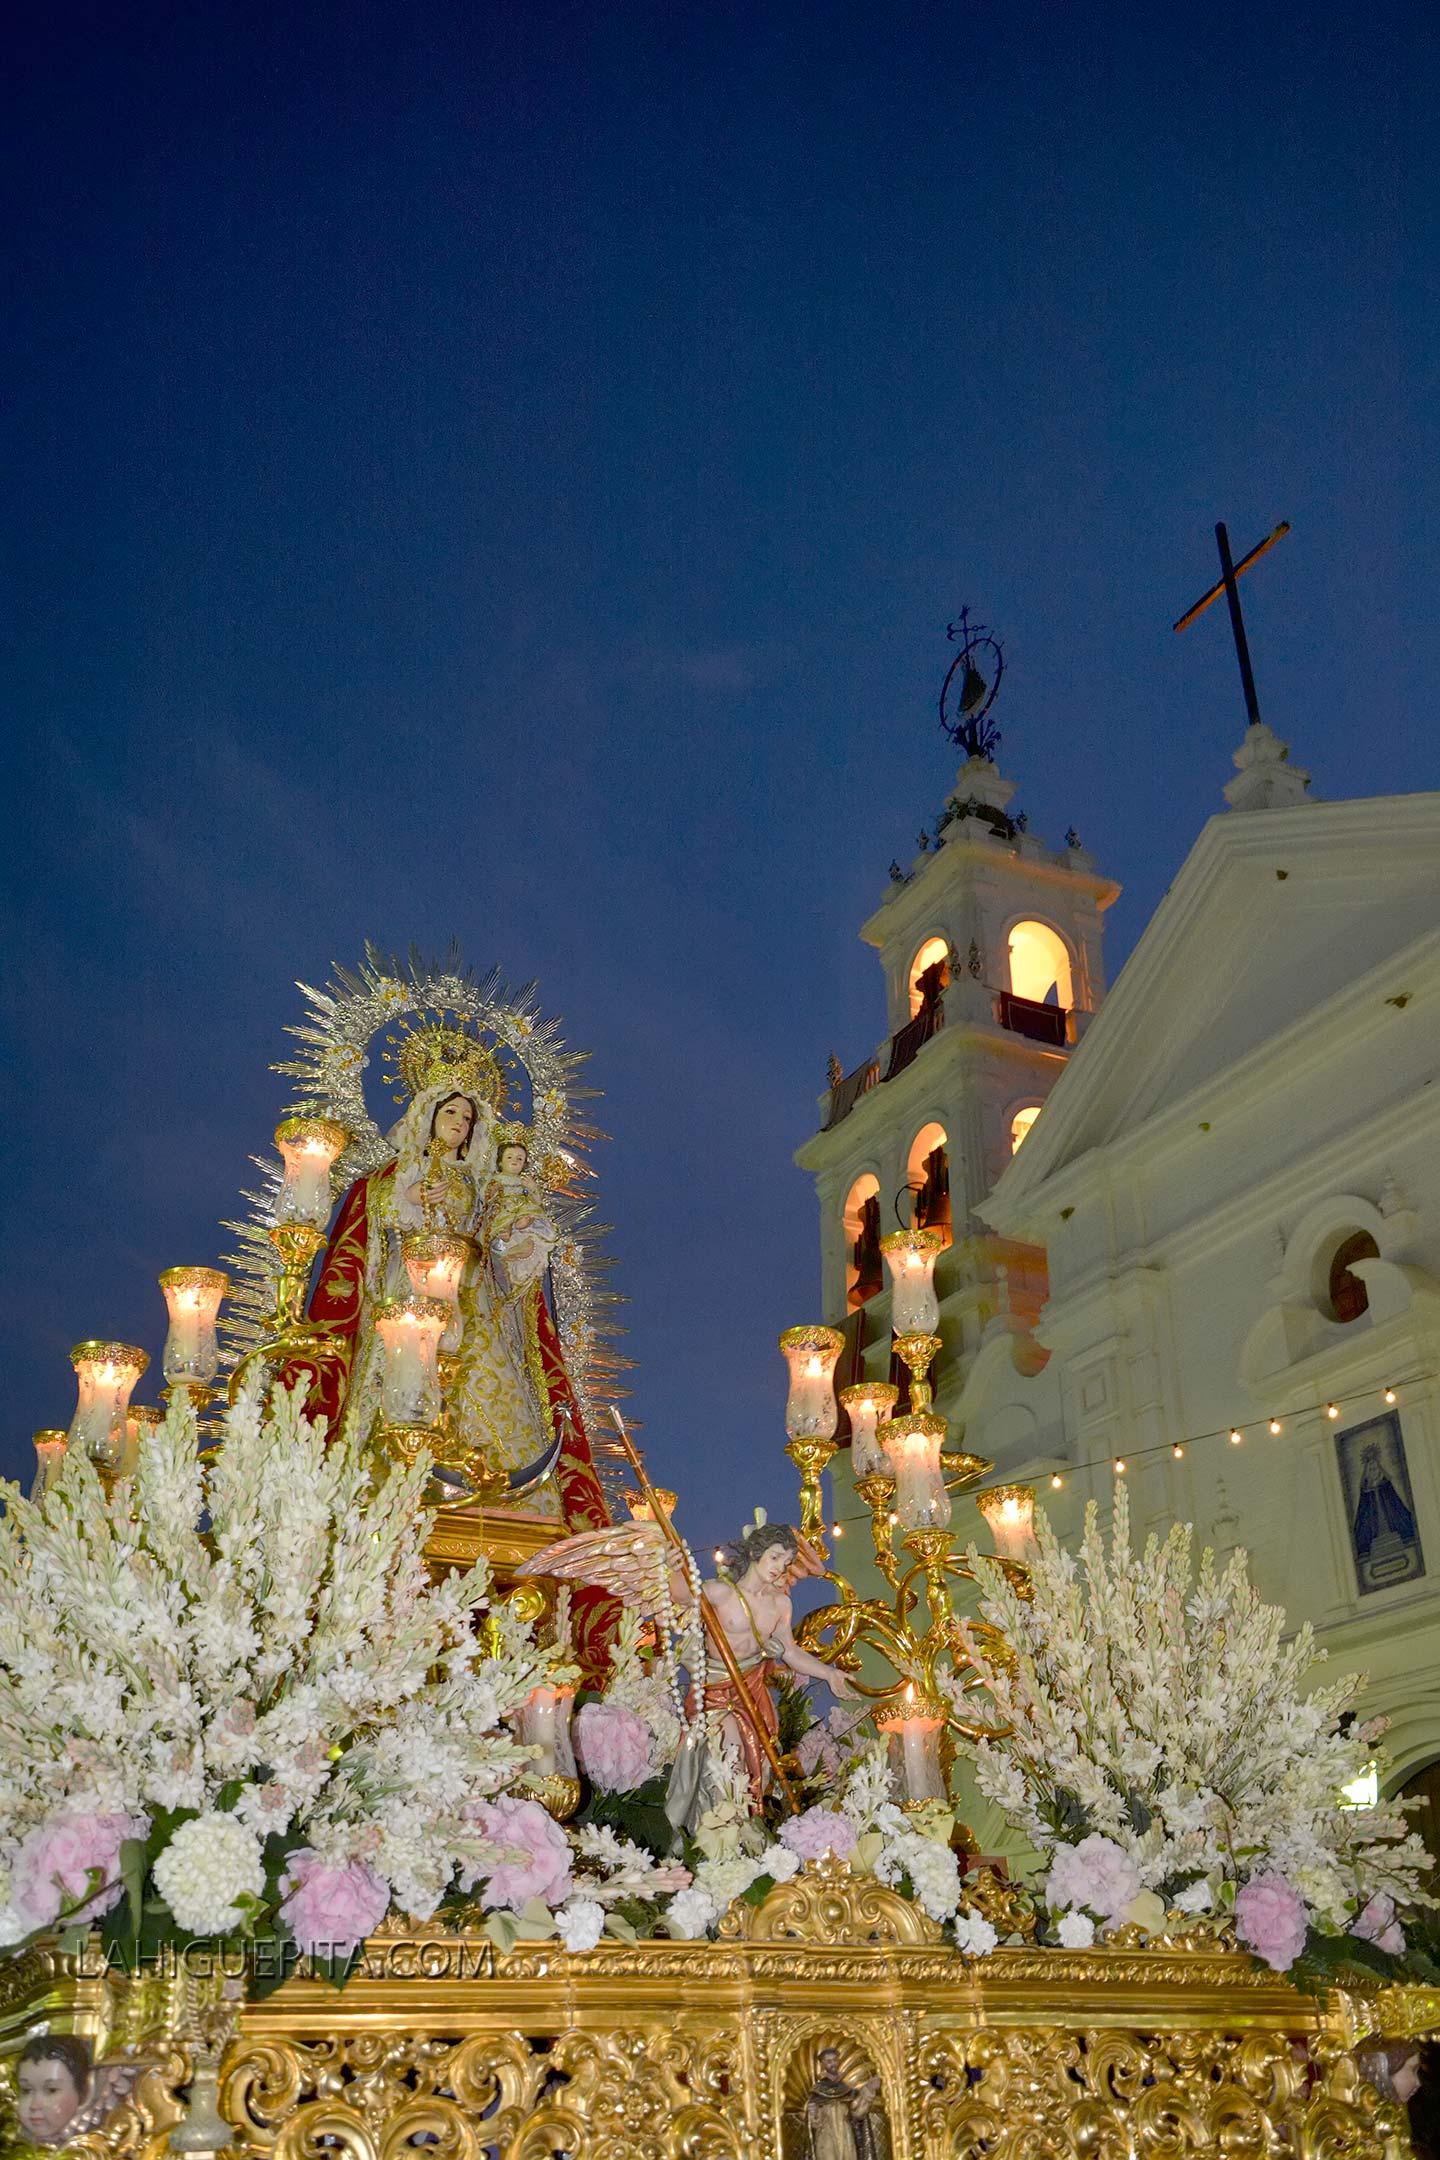 Programación de las Fiestas del Rosario de Isla Cristina 2017